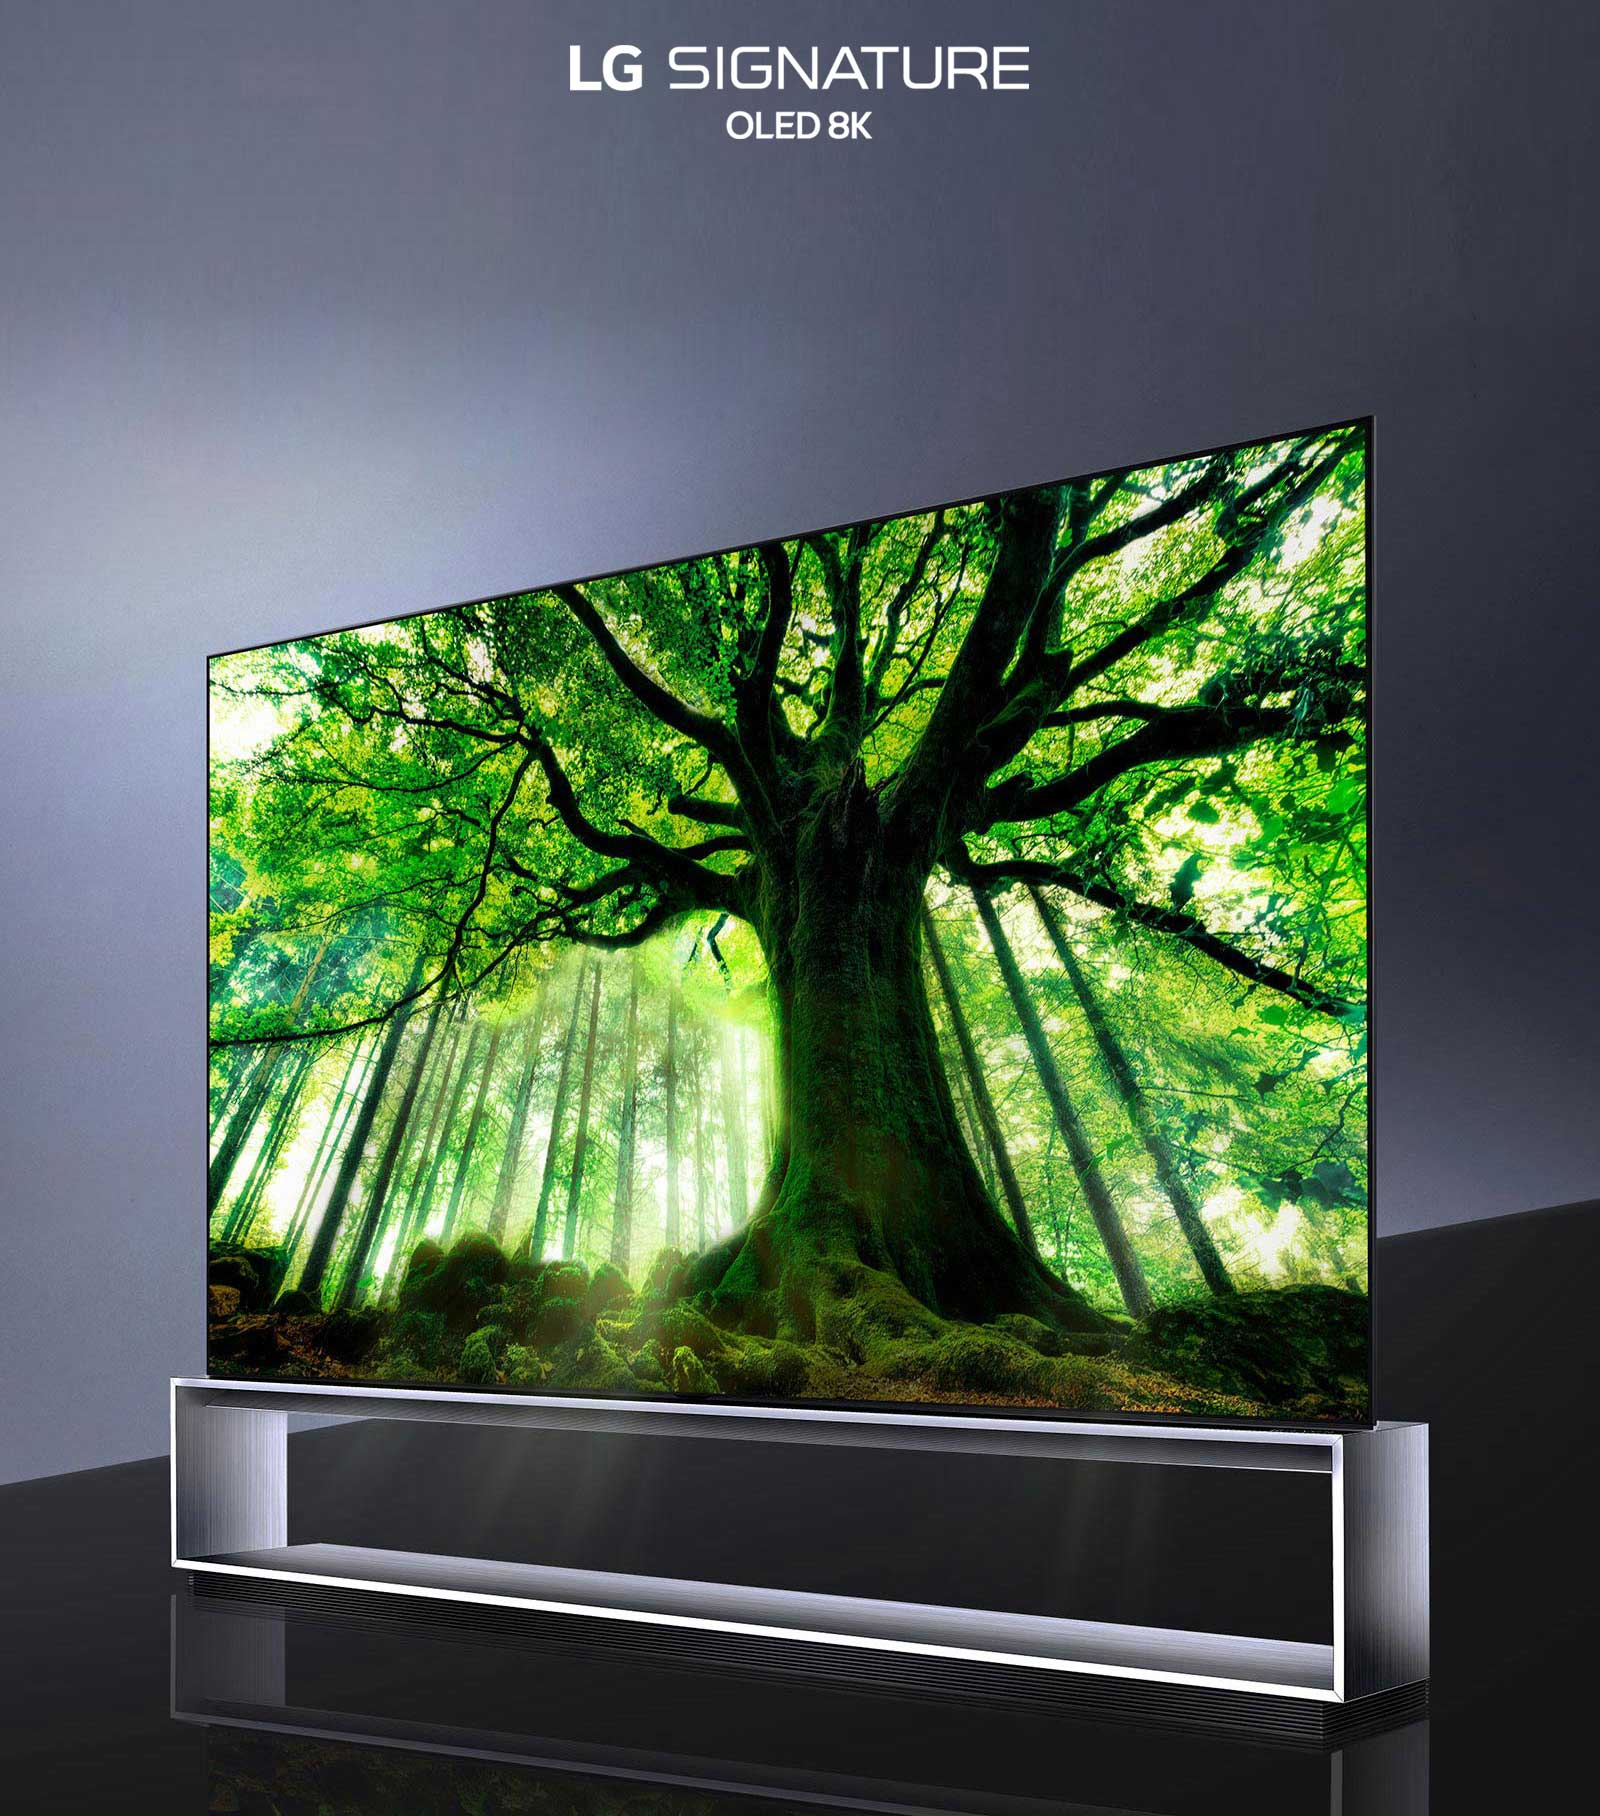 TV-SIGNATURE-OLED-Z9-01-Intro-Desktop